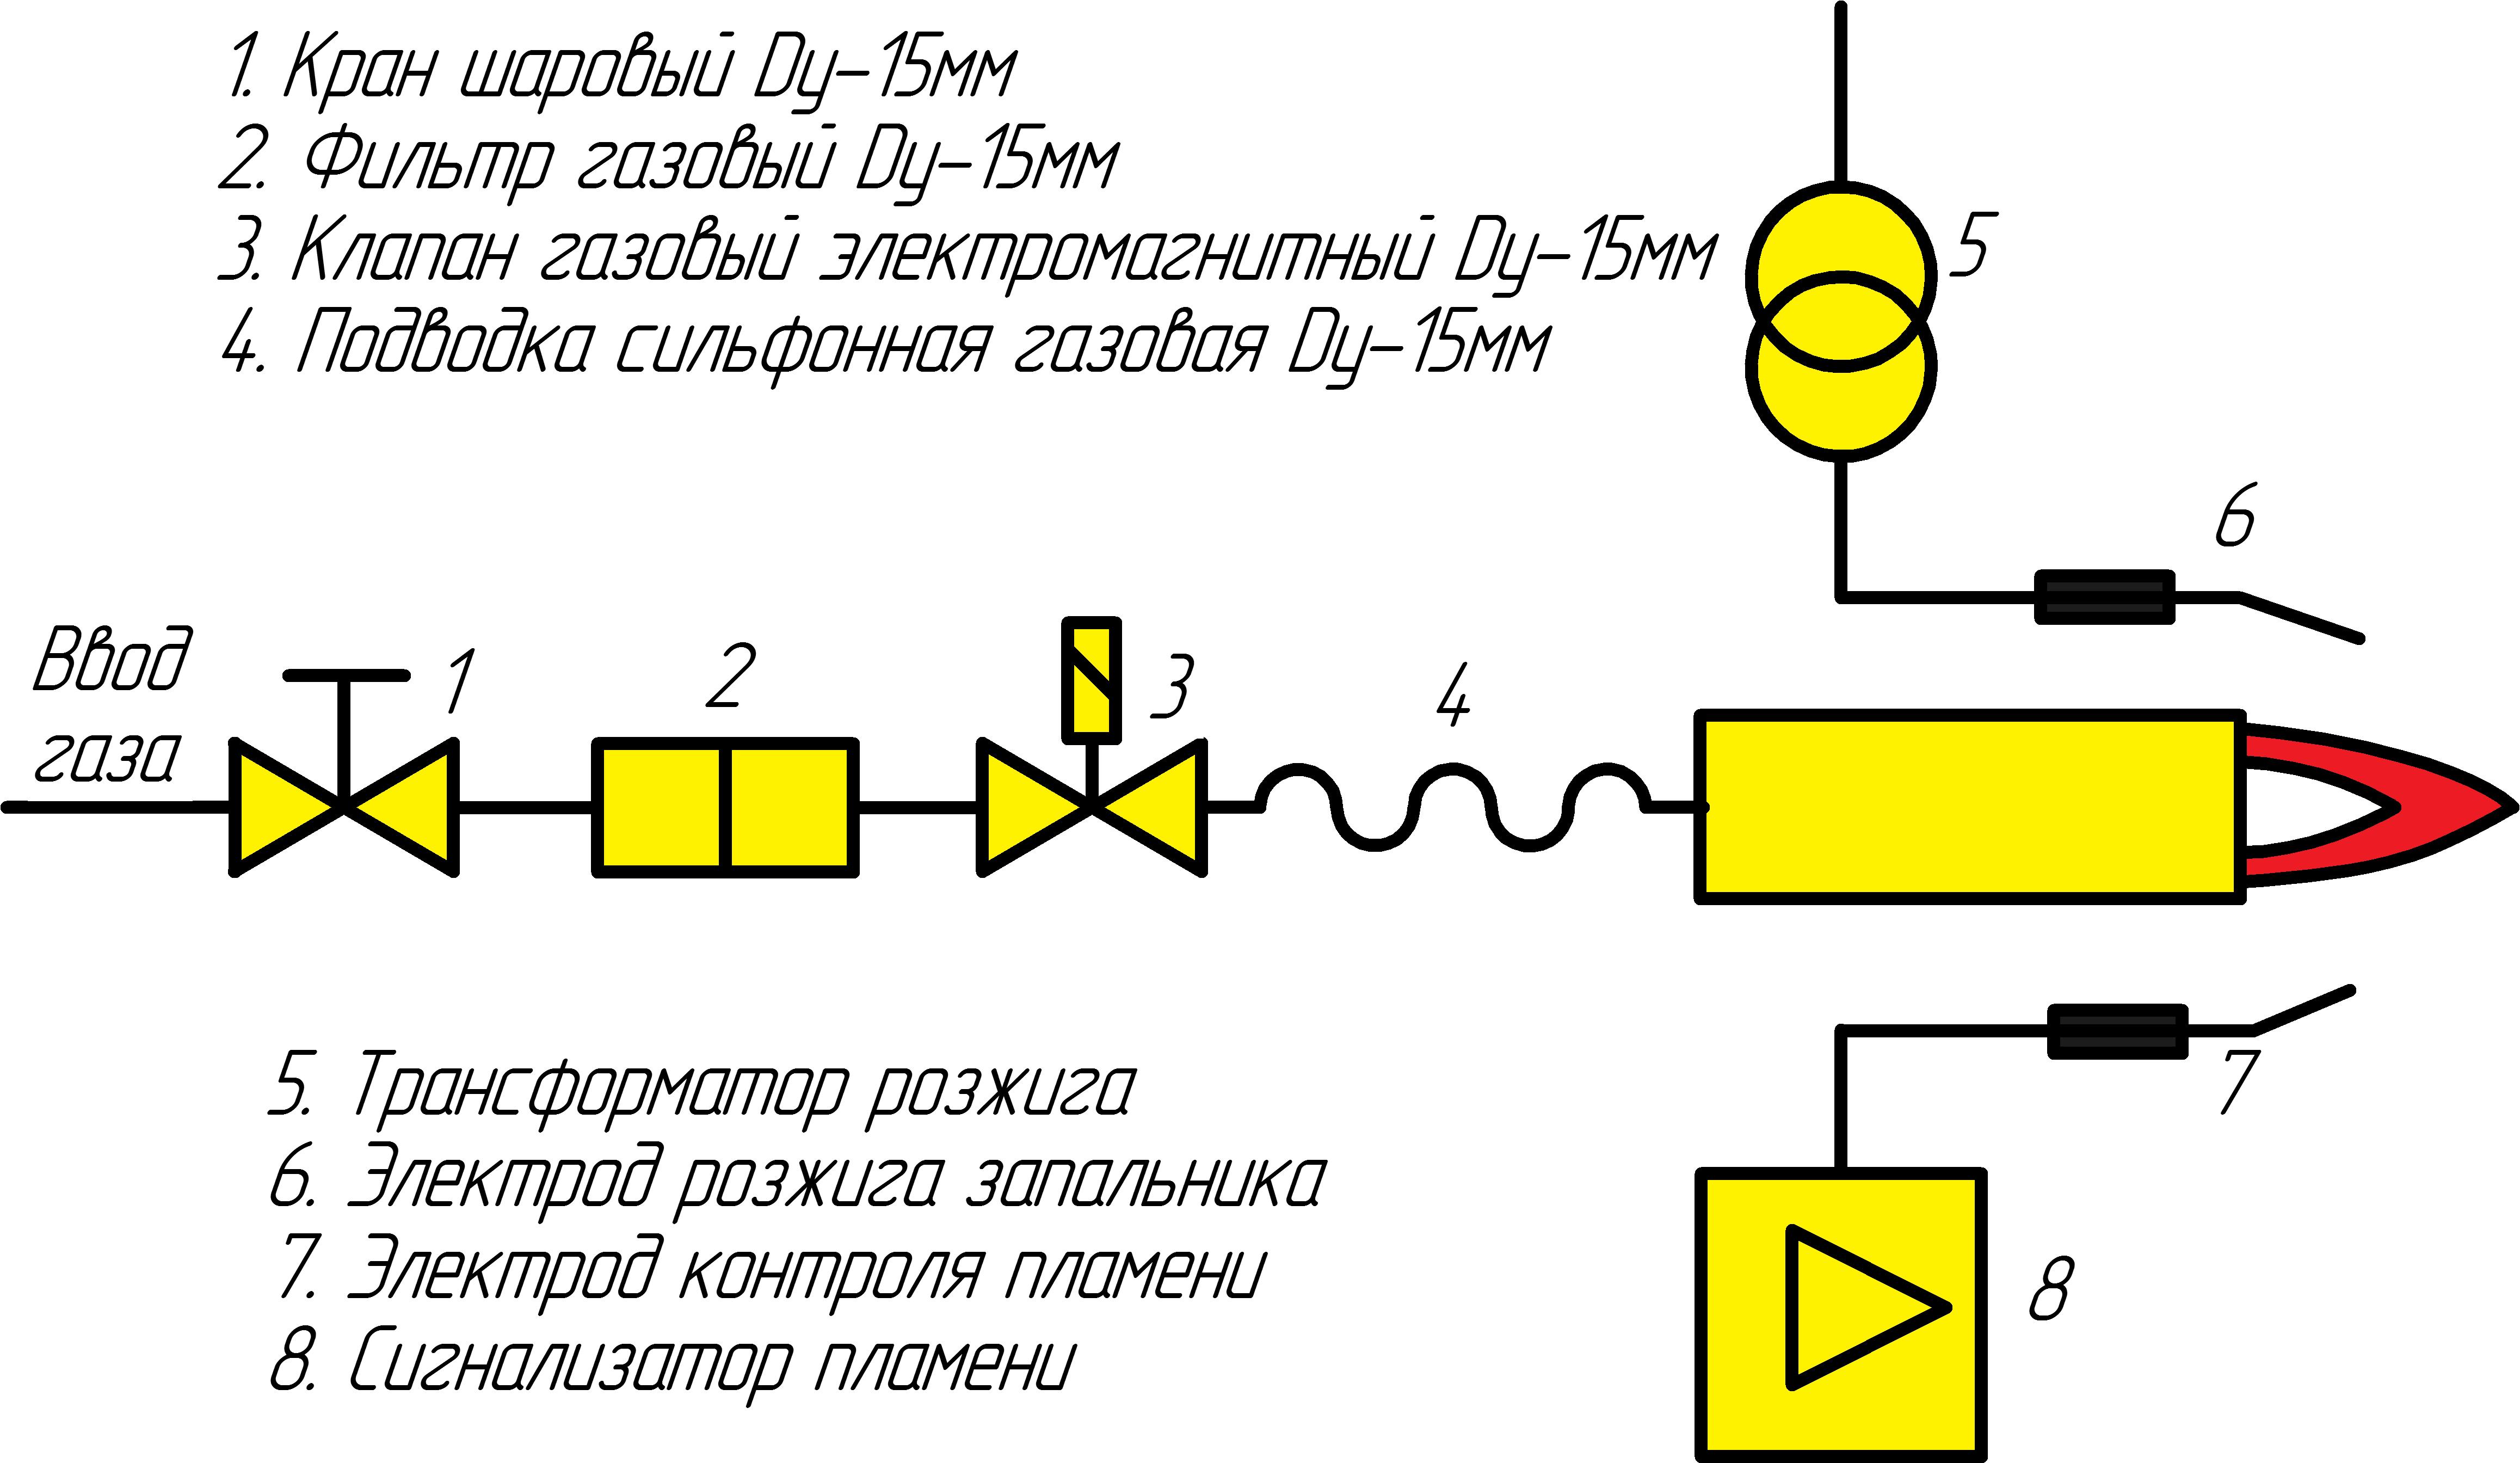 Газовая линия-1